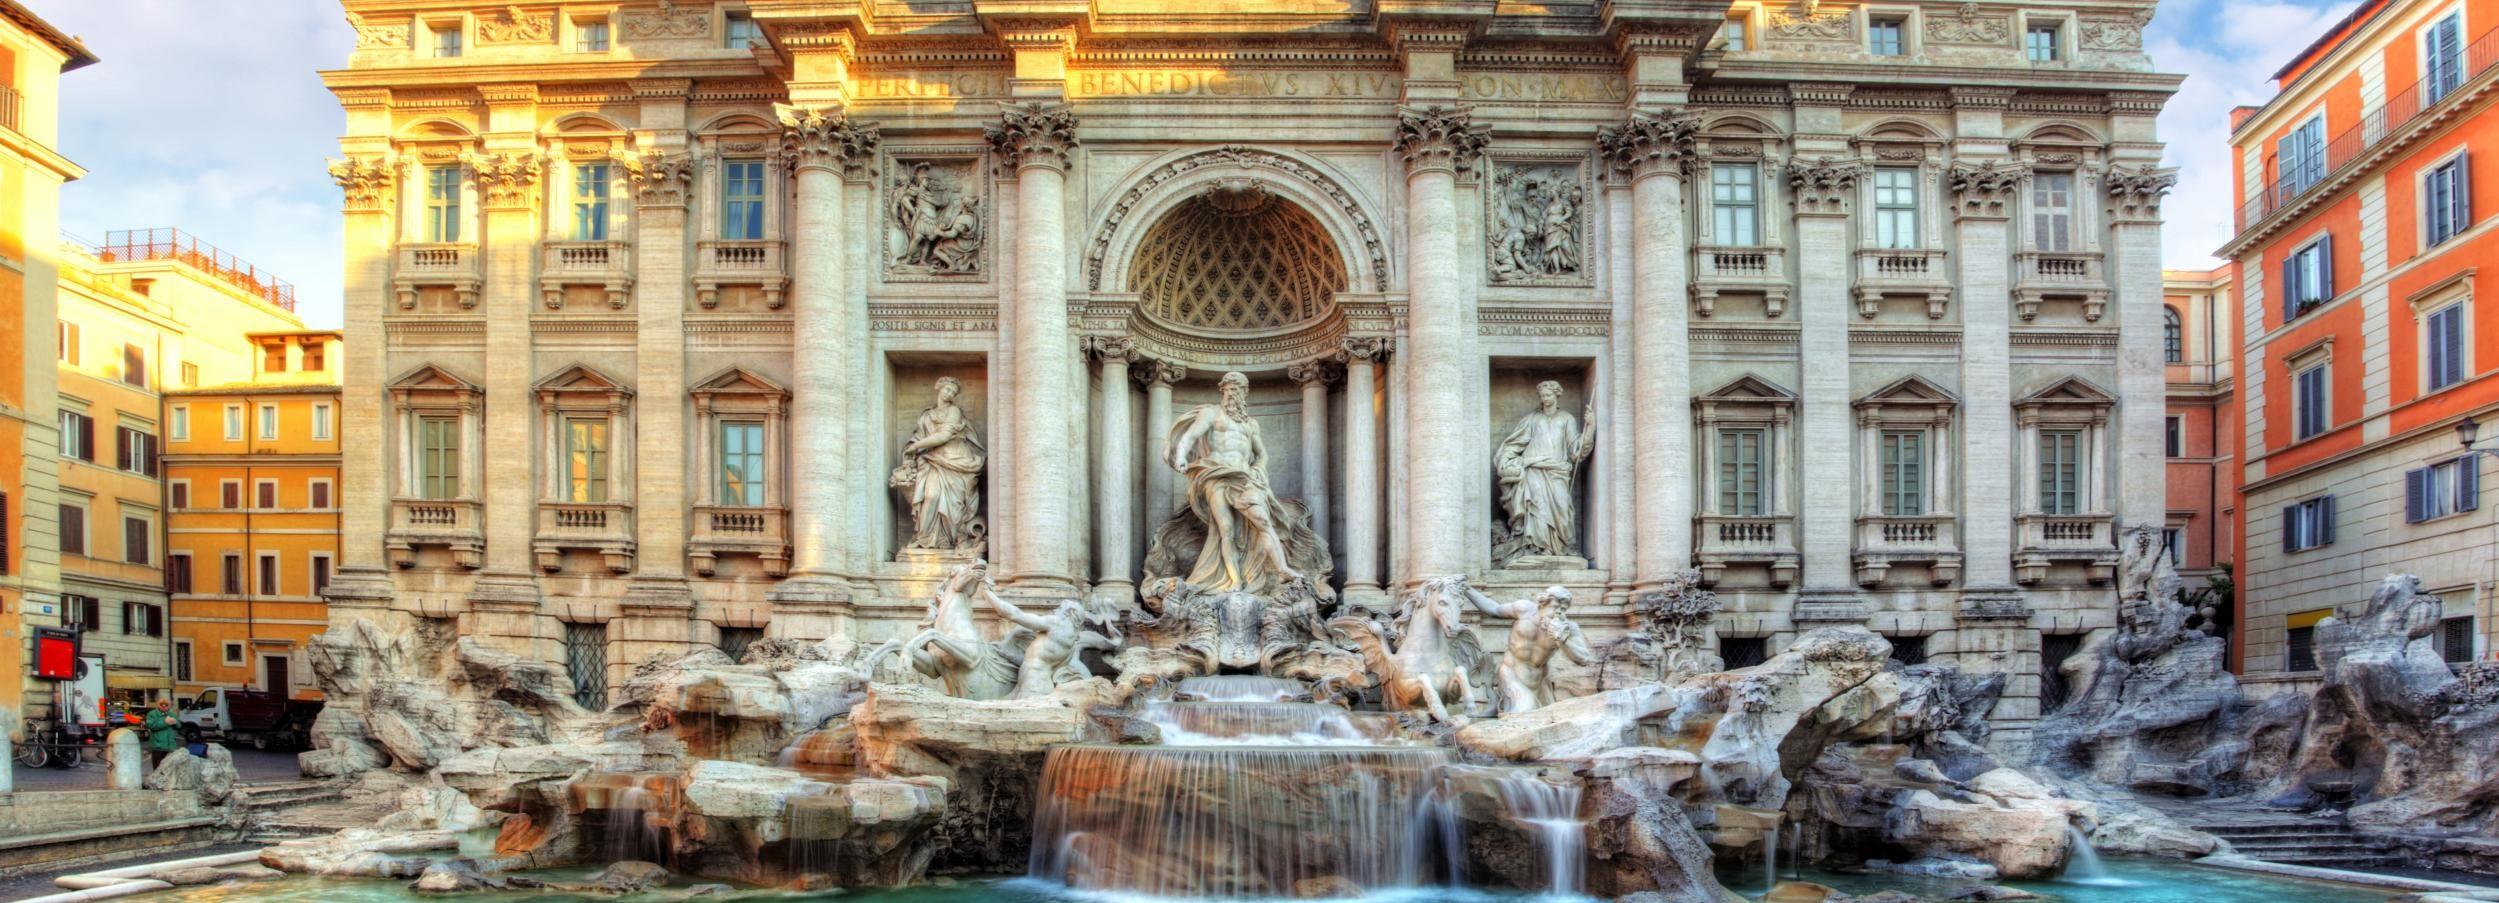 Roma: tour a piedi tra piazze e fontane